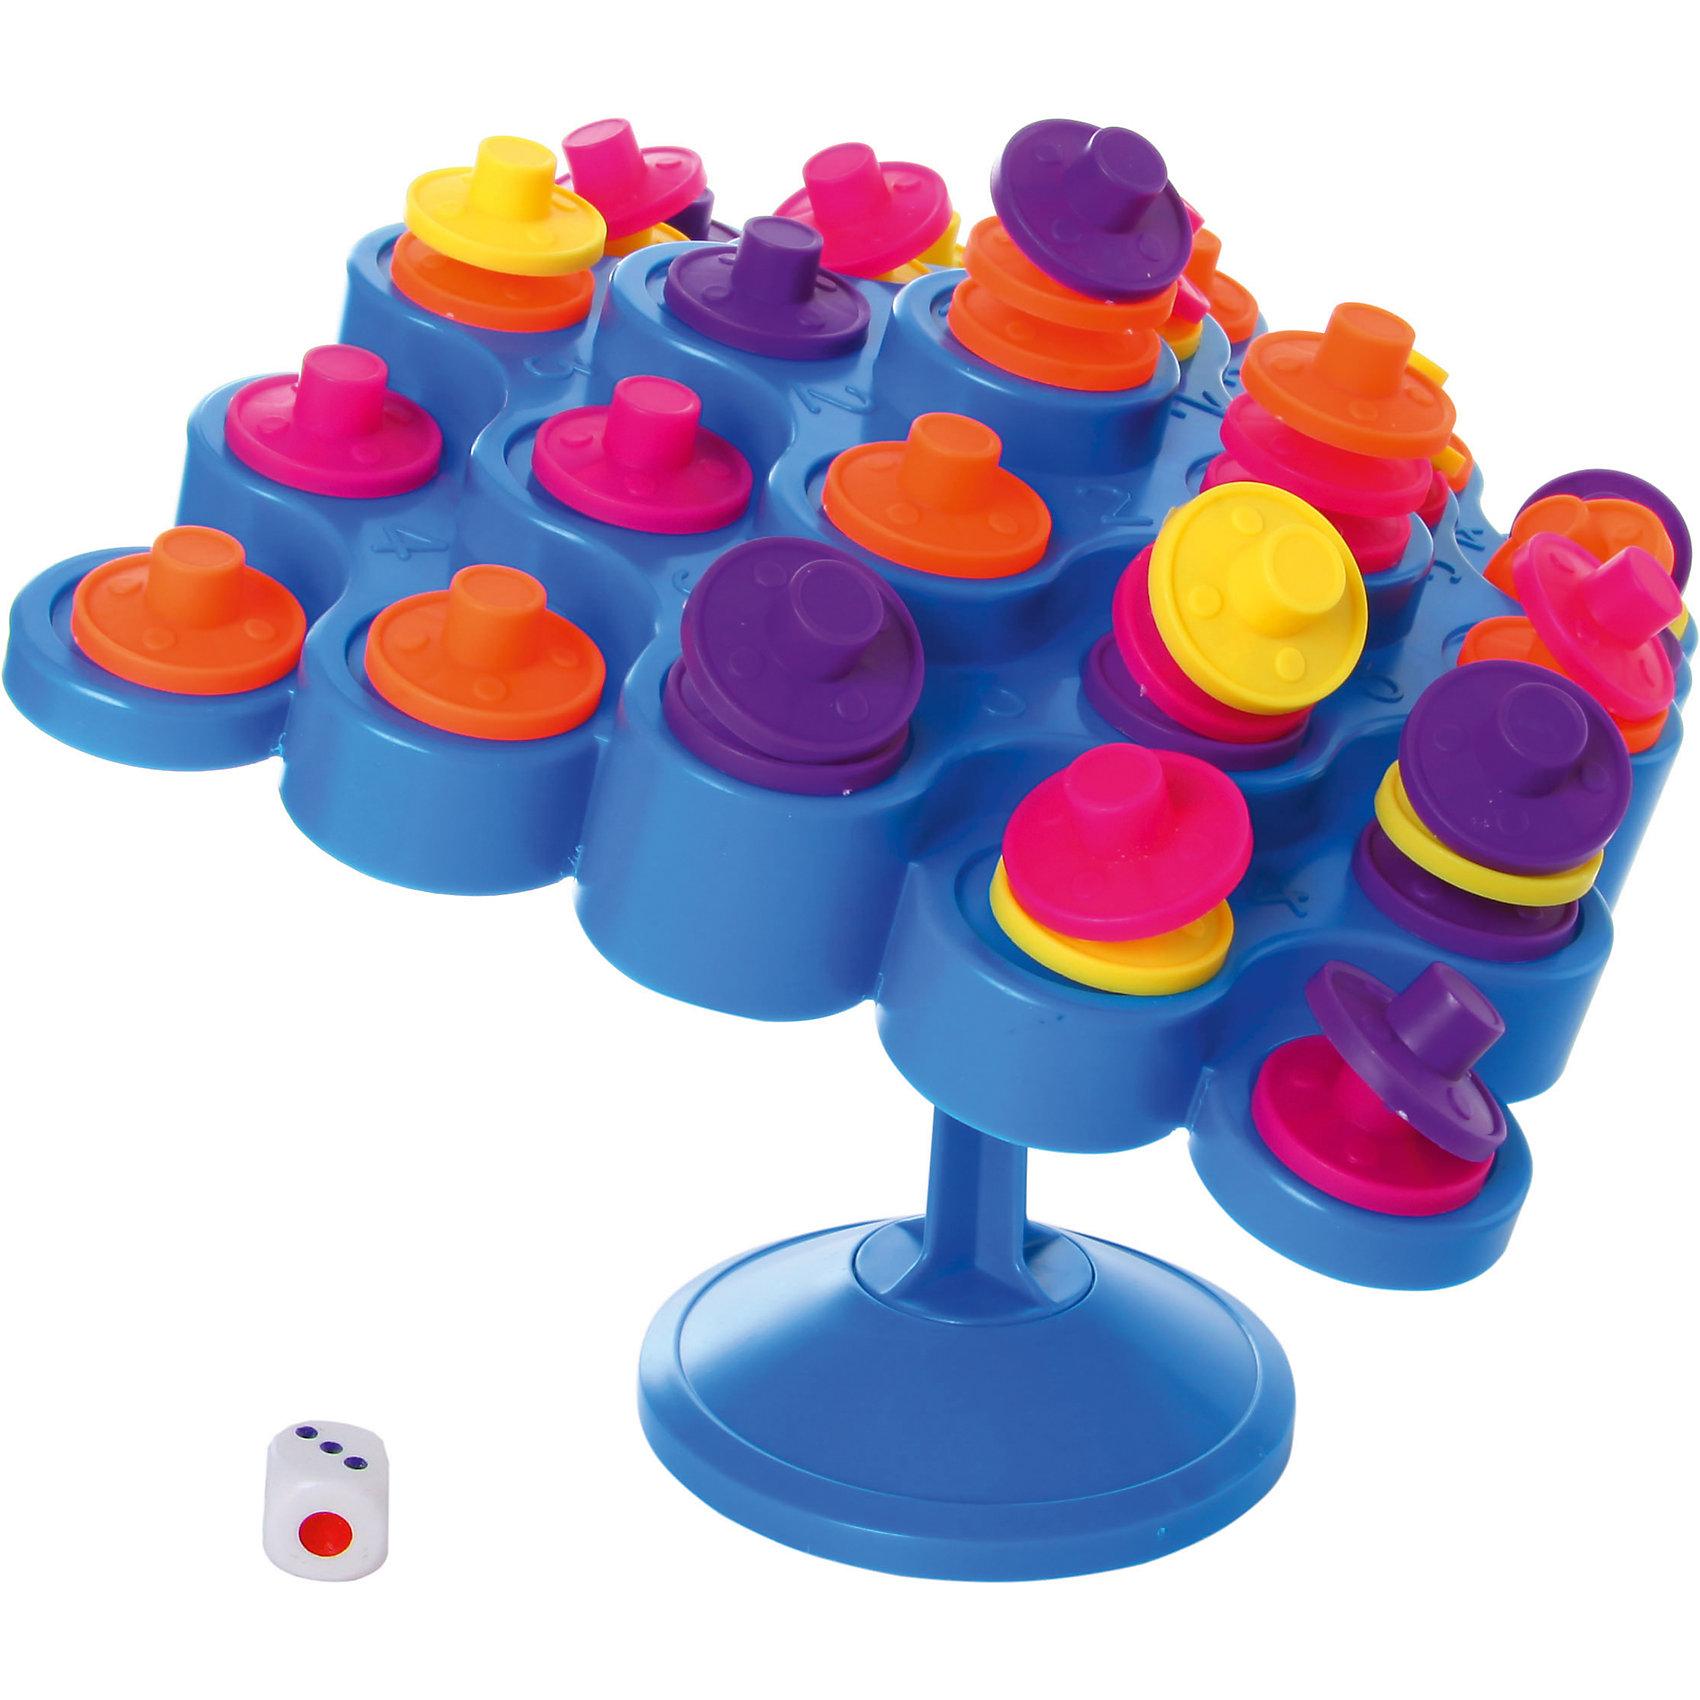 Настольная игра Падающая башня, ФортунаНастольные игры для всей семьи<br>Характеристики:<br><br>• Вид игр: настольные игры<br>• Пол: универсальный<br>• Материал: пластик, картон<br>• Количество игроков: от 2 до 4 человек<br>• Размер (Д*Ш*В): 27*9*27 см<br>• Вес: 500 г<br>• Комплектация: качающееся игровое поле, подставка основа, 48 разноцветных фишек, игровой кубик, инструкция<br><br>Настольная игра Падающая башня, Фортуна от отечественного производителя, специализирующегося на данного вида играх, предназначена для веселого времяпрепровождения от двух до 4-х человек. Цель игры заключается в том, чтобы выставить на качающееся игровое поле как можно больше фишек, стараясь не перевернуть его. Элементы игры выполнены из качественного и безопасного пластика, упакованы в картонную коробку. В комплекте имеется инструкция с правилами игры.<br><br>Настольные игры от Фортуны научат ребенка внимательности, усидчивости, позволят ему развивать, тактическое, стратегическое и логическое мышление. Игры с несколькими участниками позволяют в легкой форме осваивать социальные навыки взаимодействия и выстраивать коммуникацию с другими участниками игры. Настольная игра Падающая башня, Фортуна может стать прекрасным вариантом в качестве подарка к празднику для любого ребенка! <br><br>Настольную игру Падающая башня, Фортуна можно купить в нашем интернет-магазине.<br><br>Ширина мм: 270<br>Глубина мм: 90<br>Высота мм: 260<br>Вес г: 471<br>Возраст от месяцев: 72<br>Возраст до месяцев: 2147483647<br>Пол: Унисекс<br>Возраст: Детский<br>SKU: 5121941